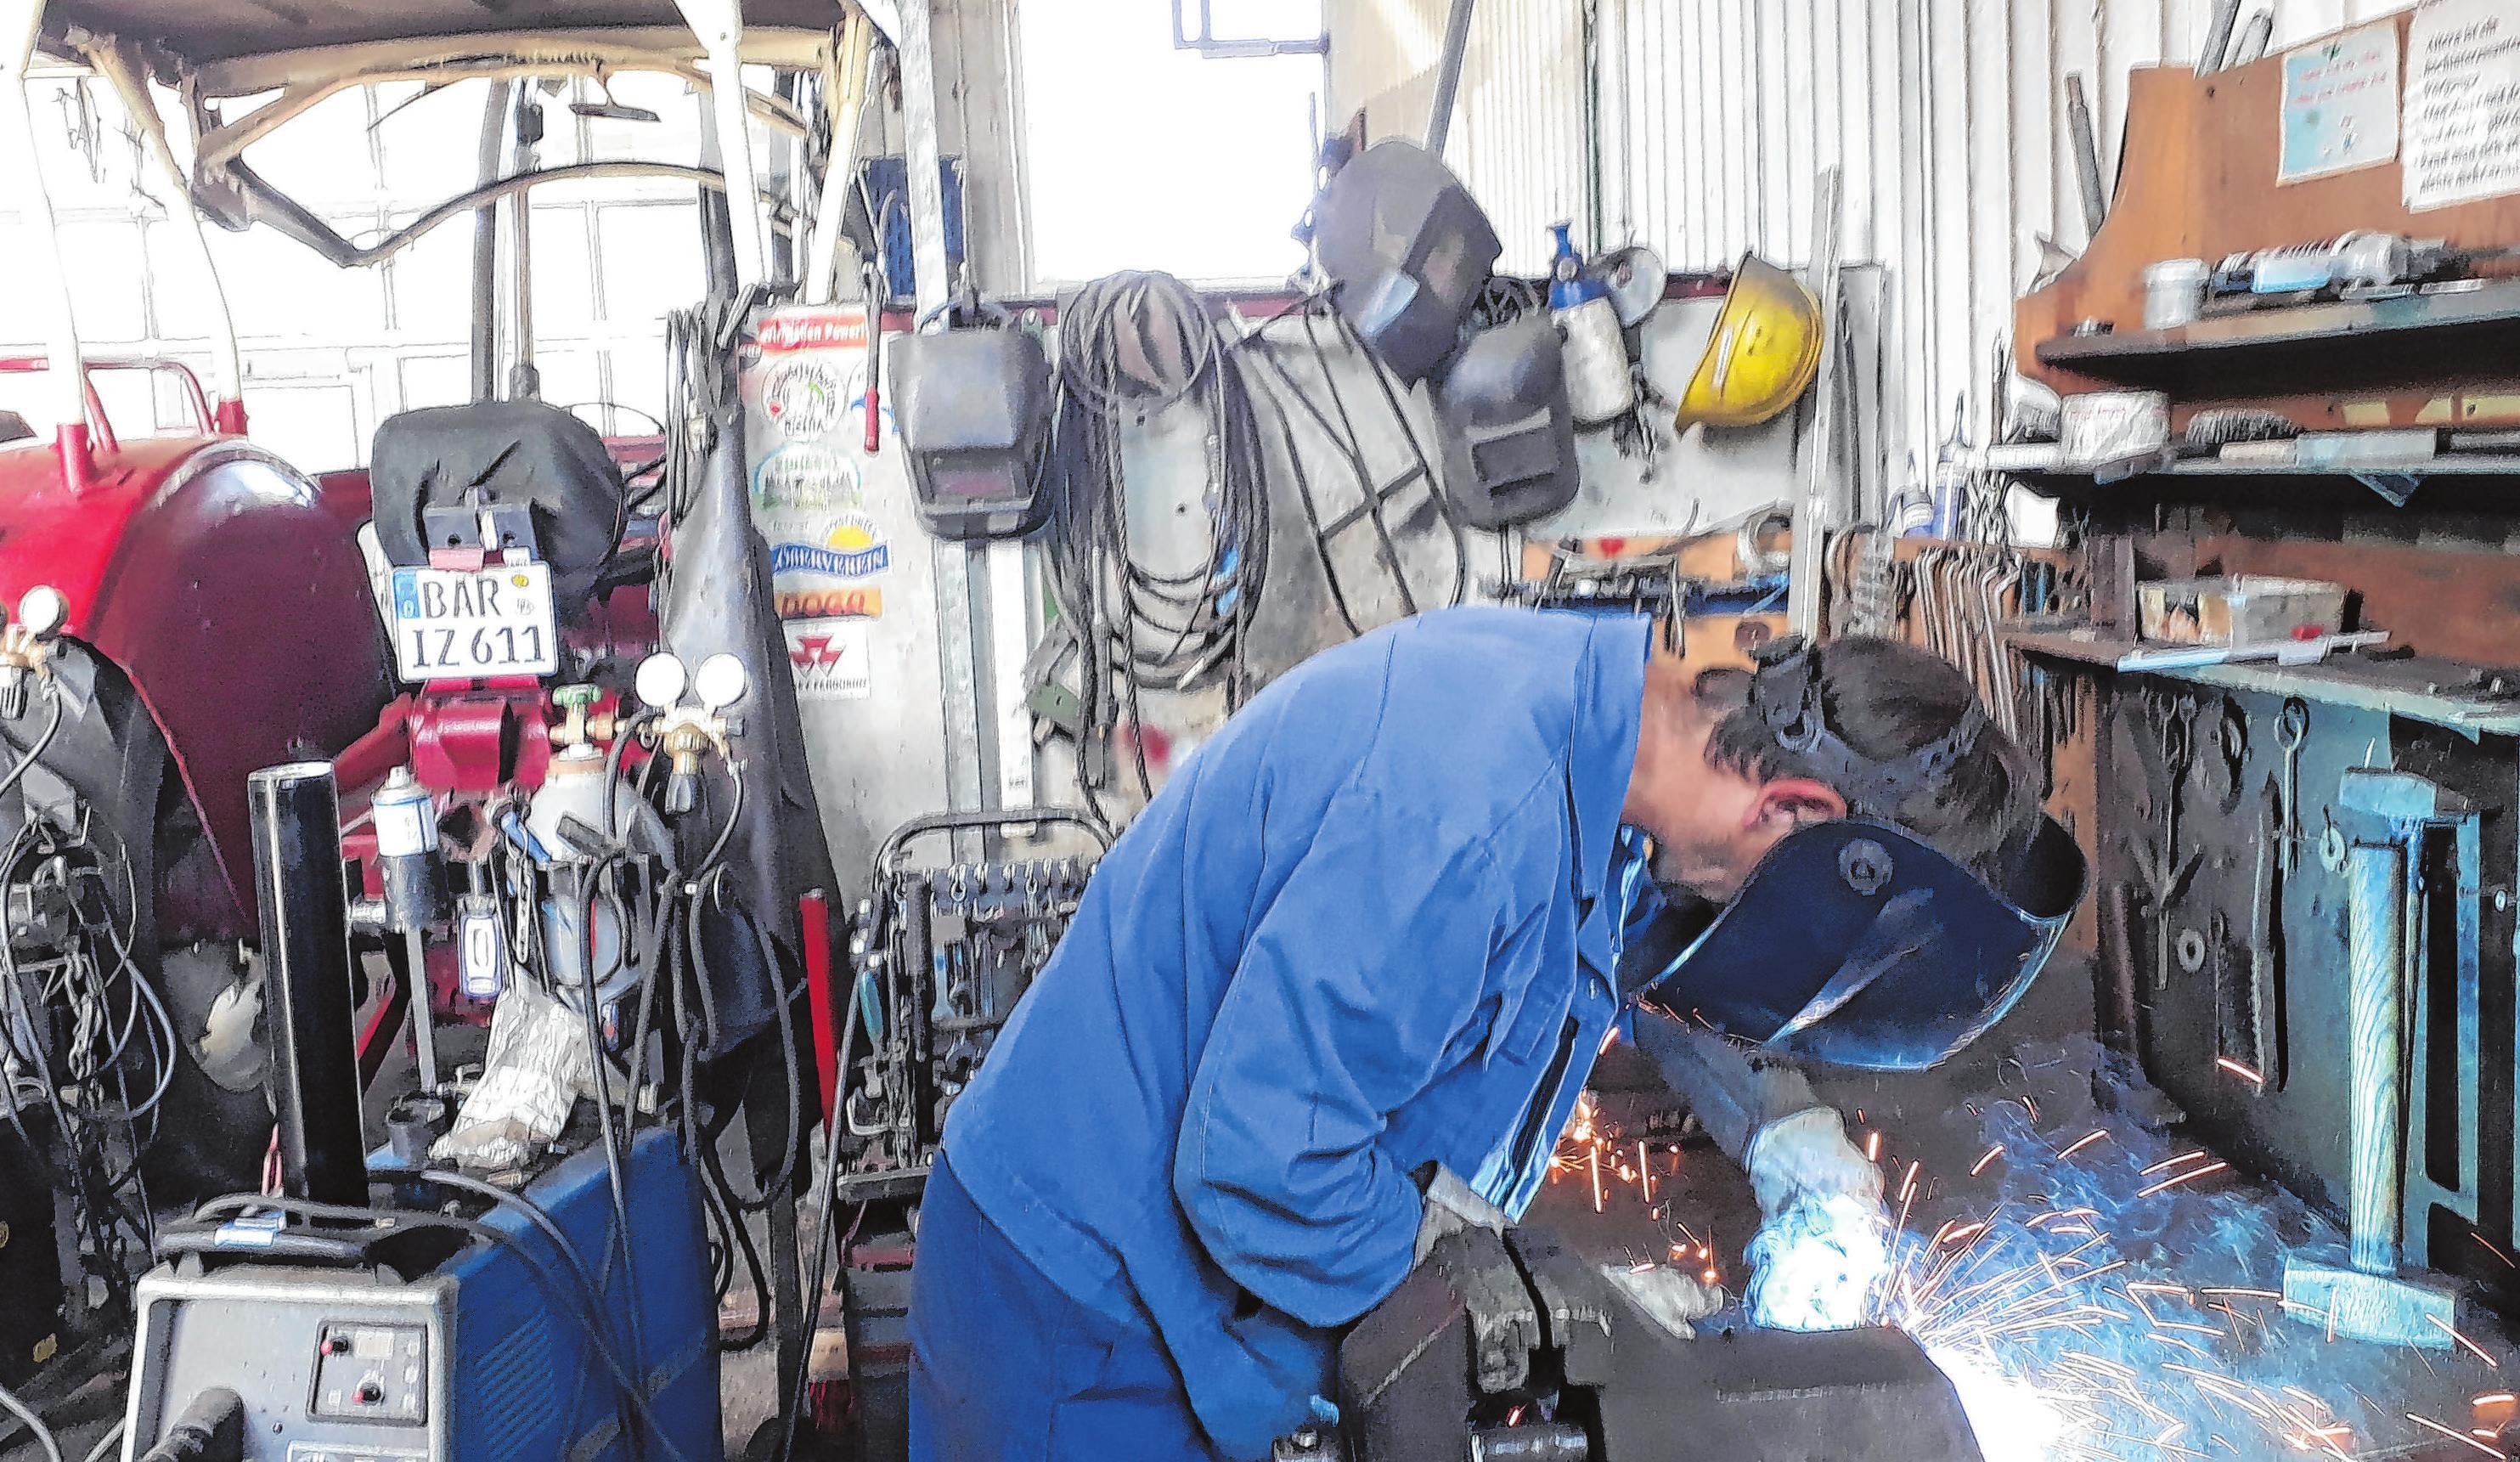 Schweißer Michael Blöcher in der Werkstatt bei der Arbeit